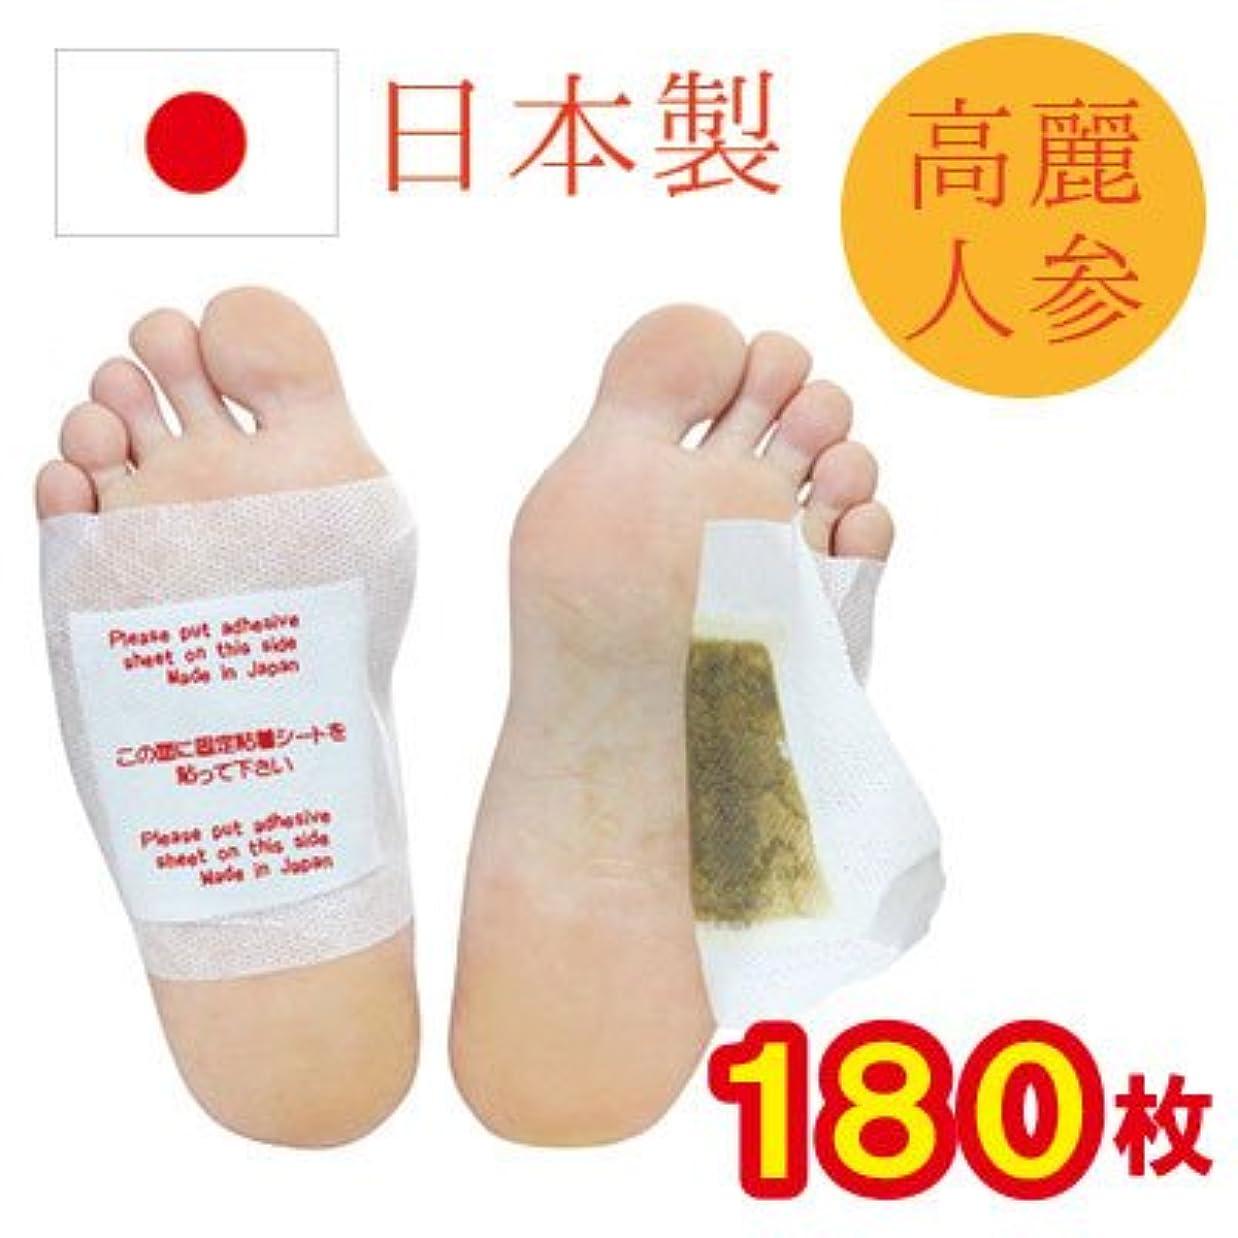 狂ったうれしいシンポジウム樹液シート 足裏シート 180枚入 (高麗人参)